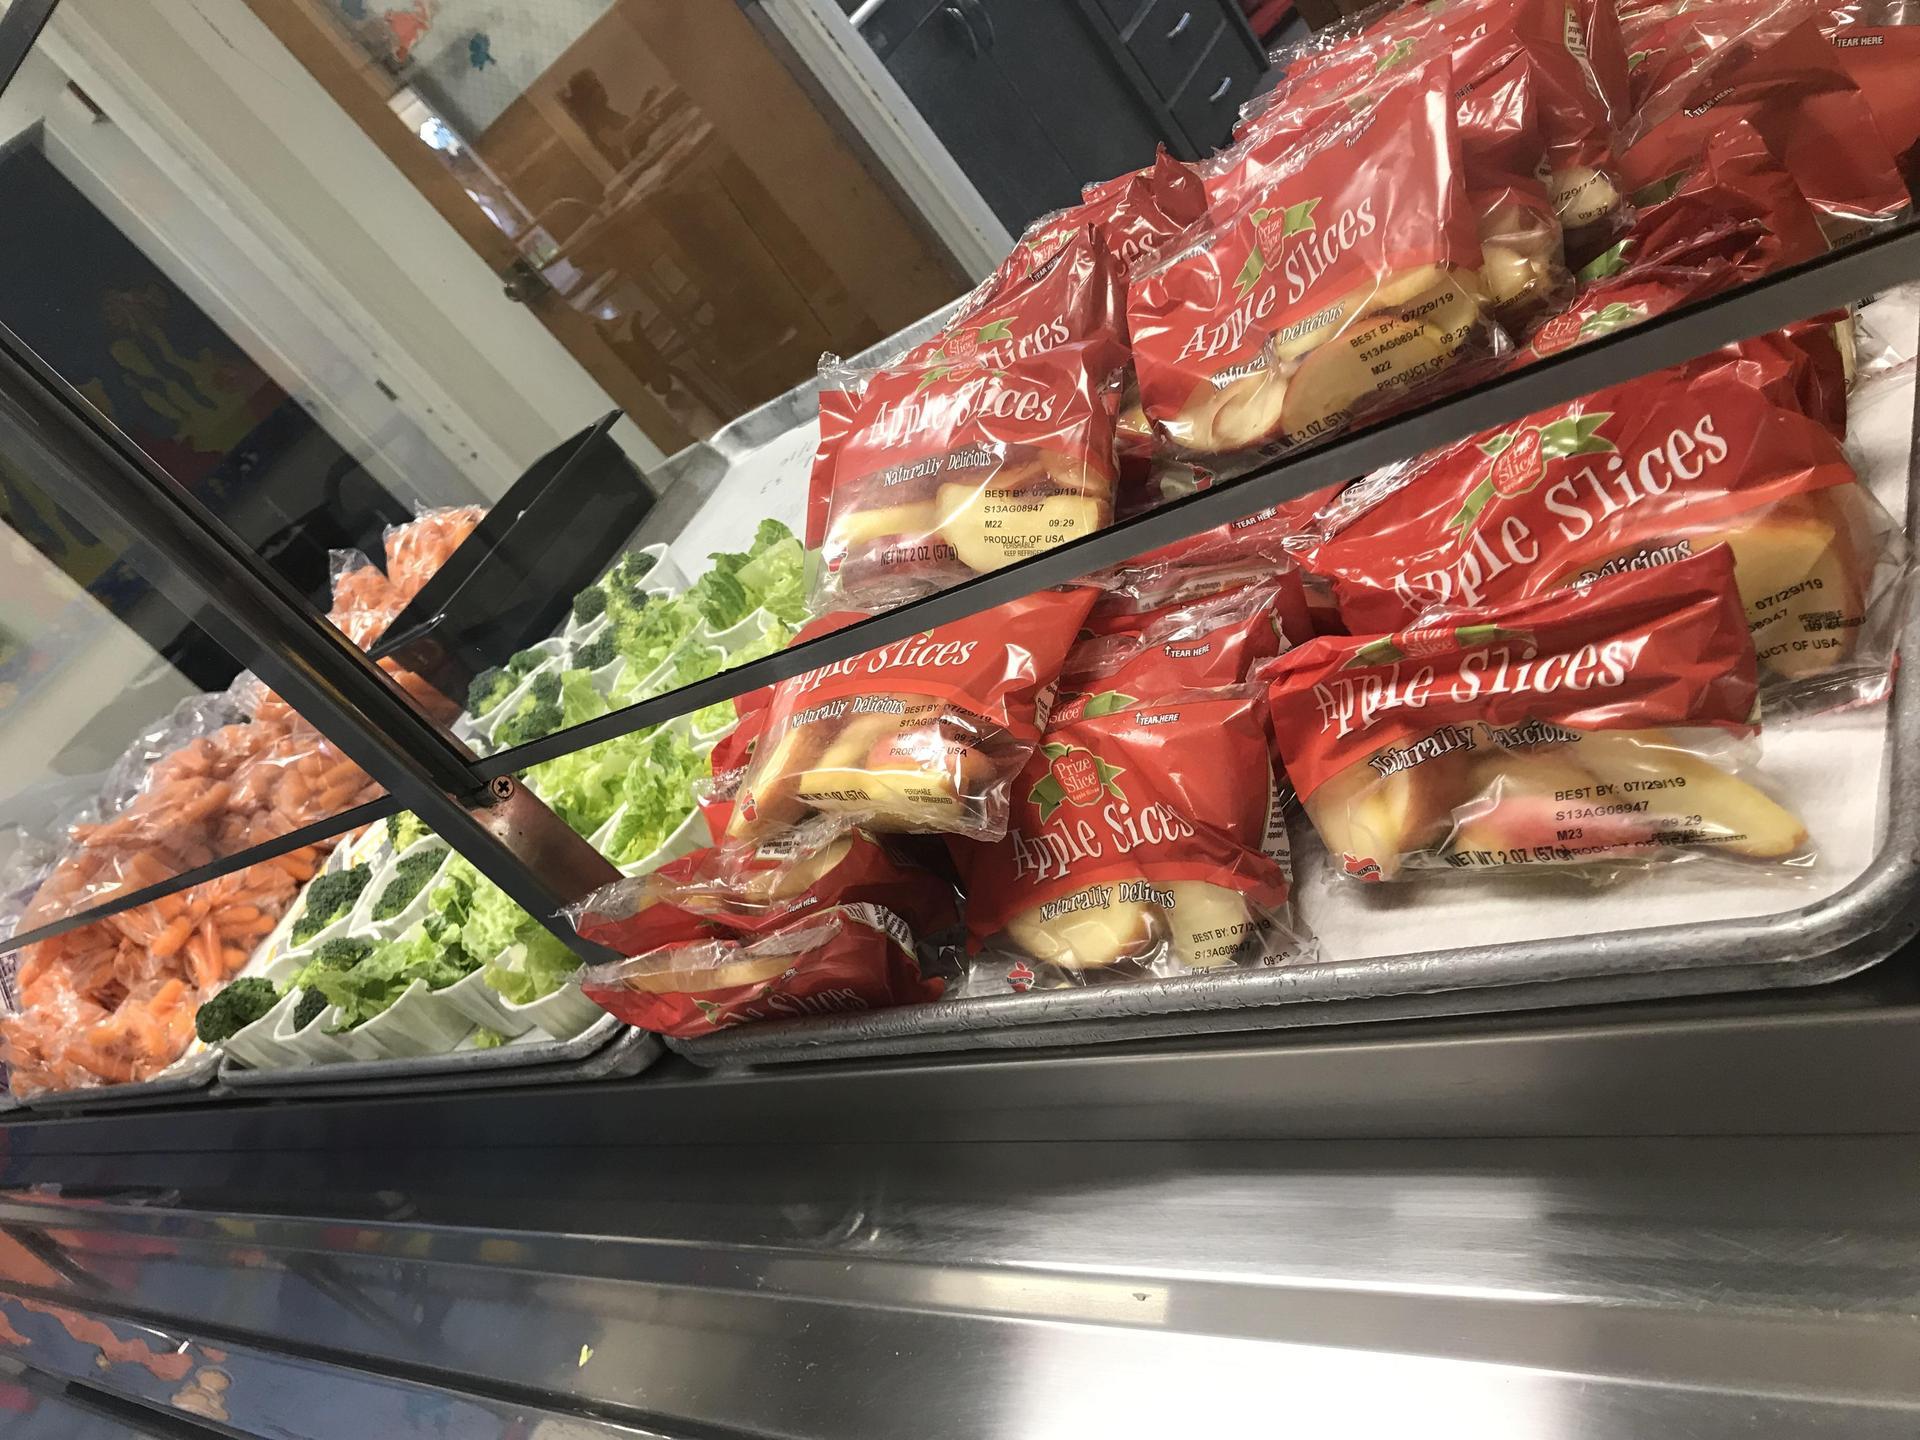 Food Service Line Set-up